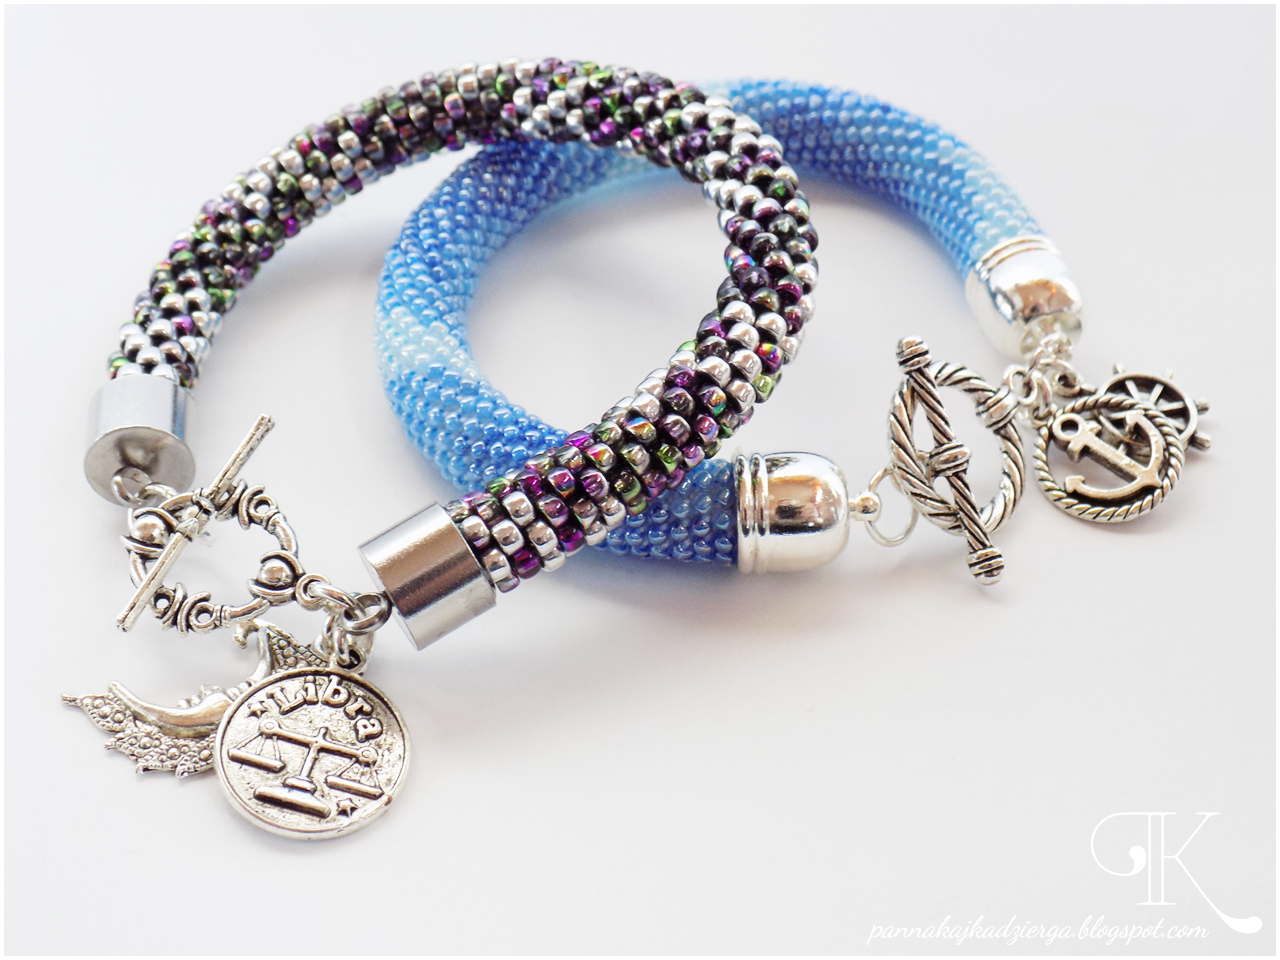 crochet rope, sznur szydełkowy, ukośnik, toho, bransoletki, biżuteria, handmade